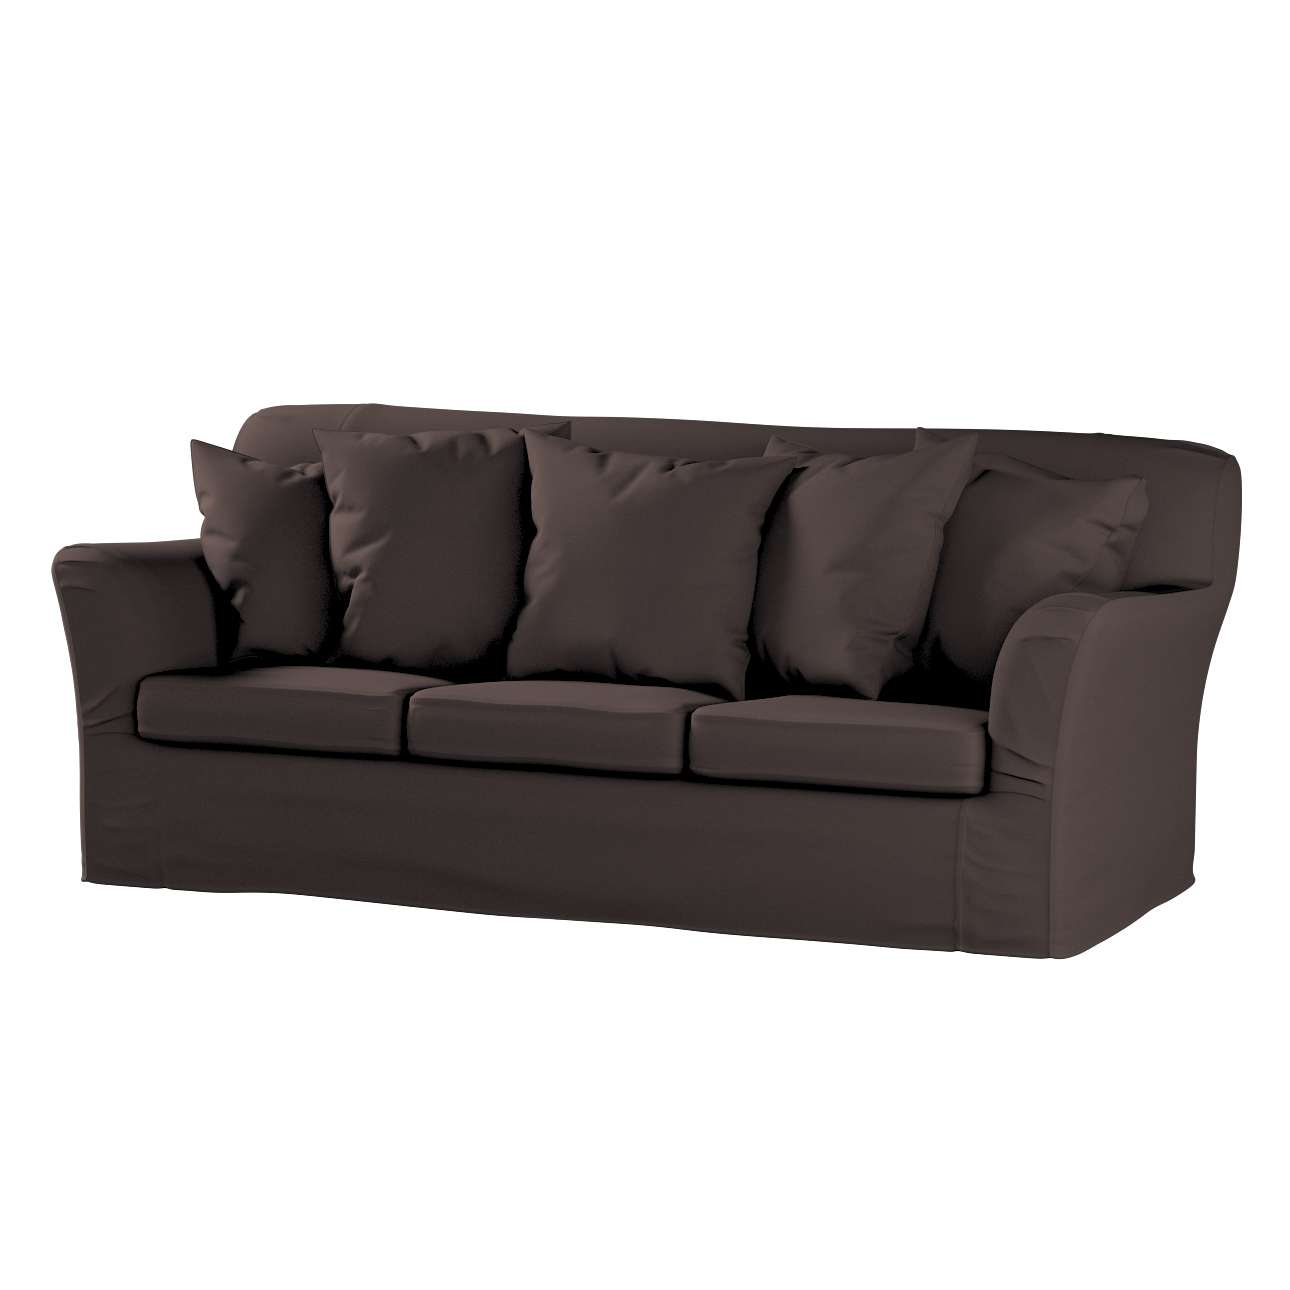 Pokrowiec na sofę Tomelilla 3-osobową nierozkładaną Sofa Tomelilla 3-osobowa w kolekcji Cotton Panama, tkanina: 702-03